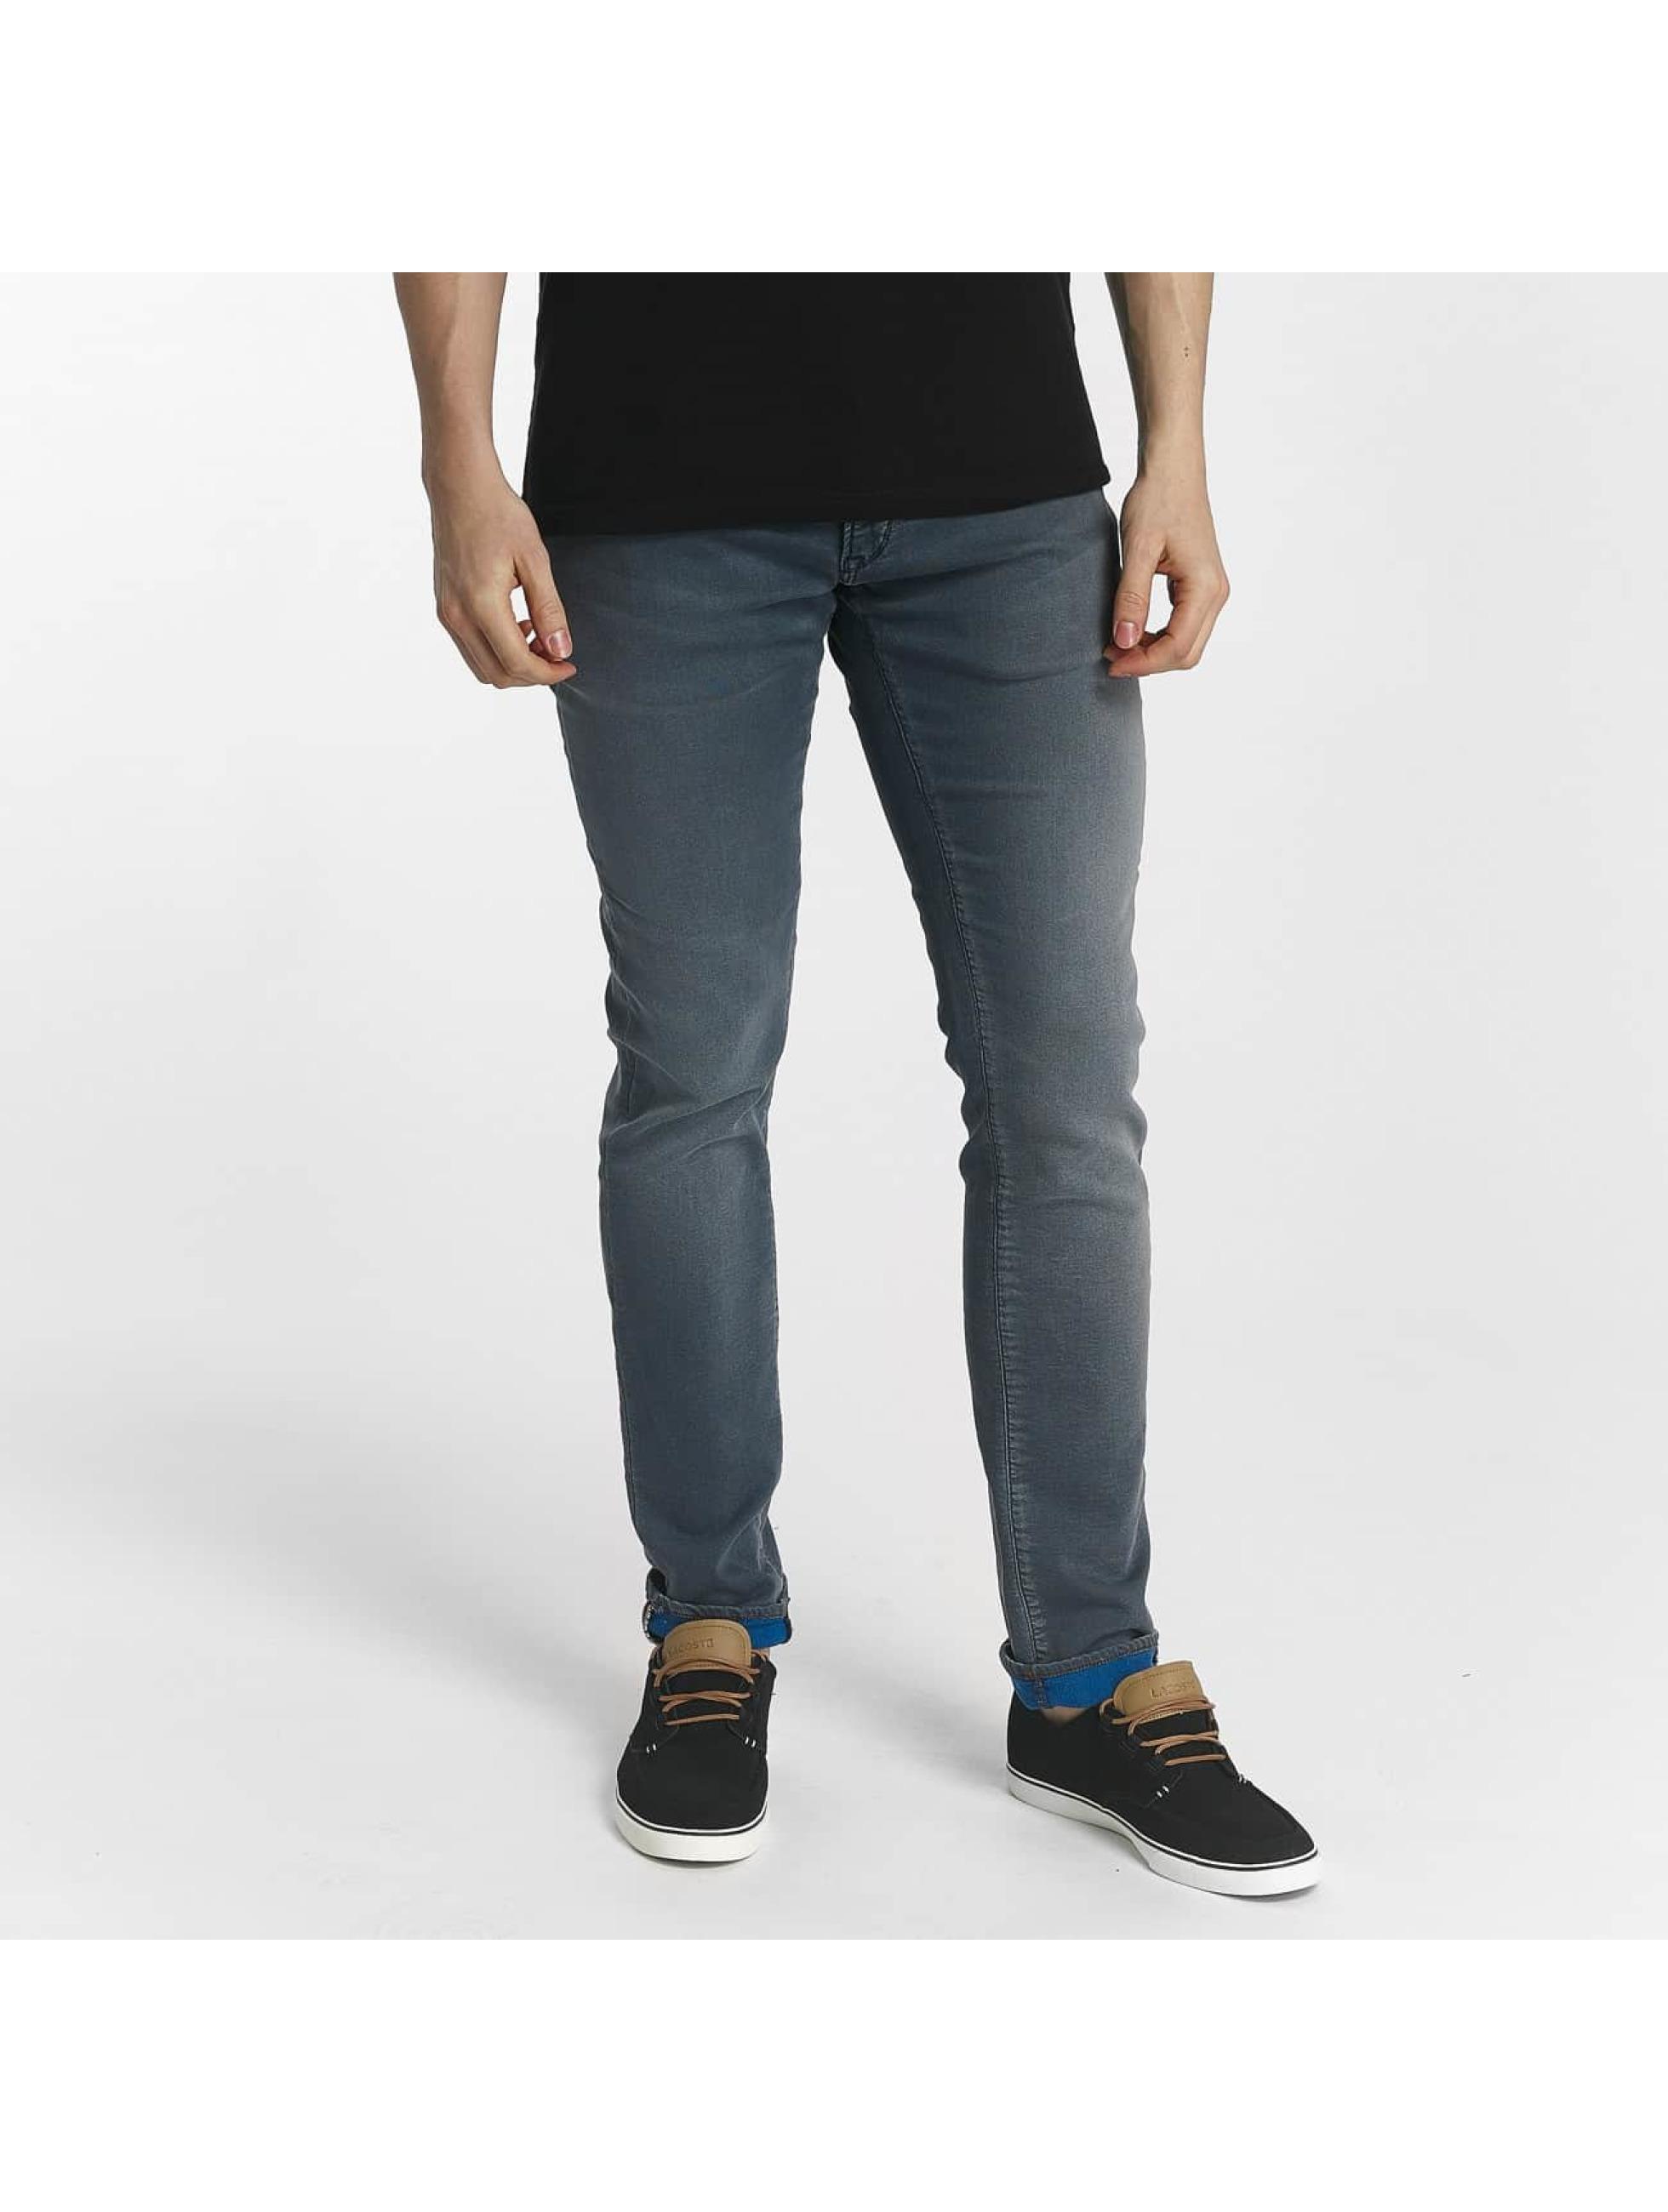 Le Temps Des Cerises Slim Fit Jeans 700/11 Jogg grå